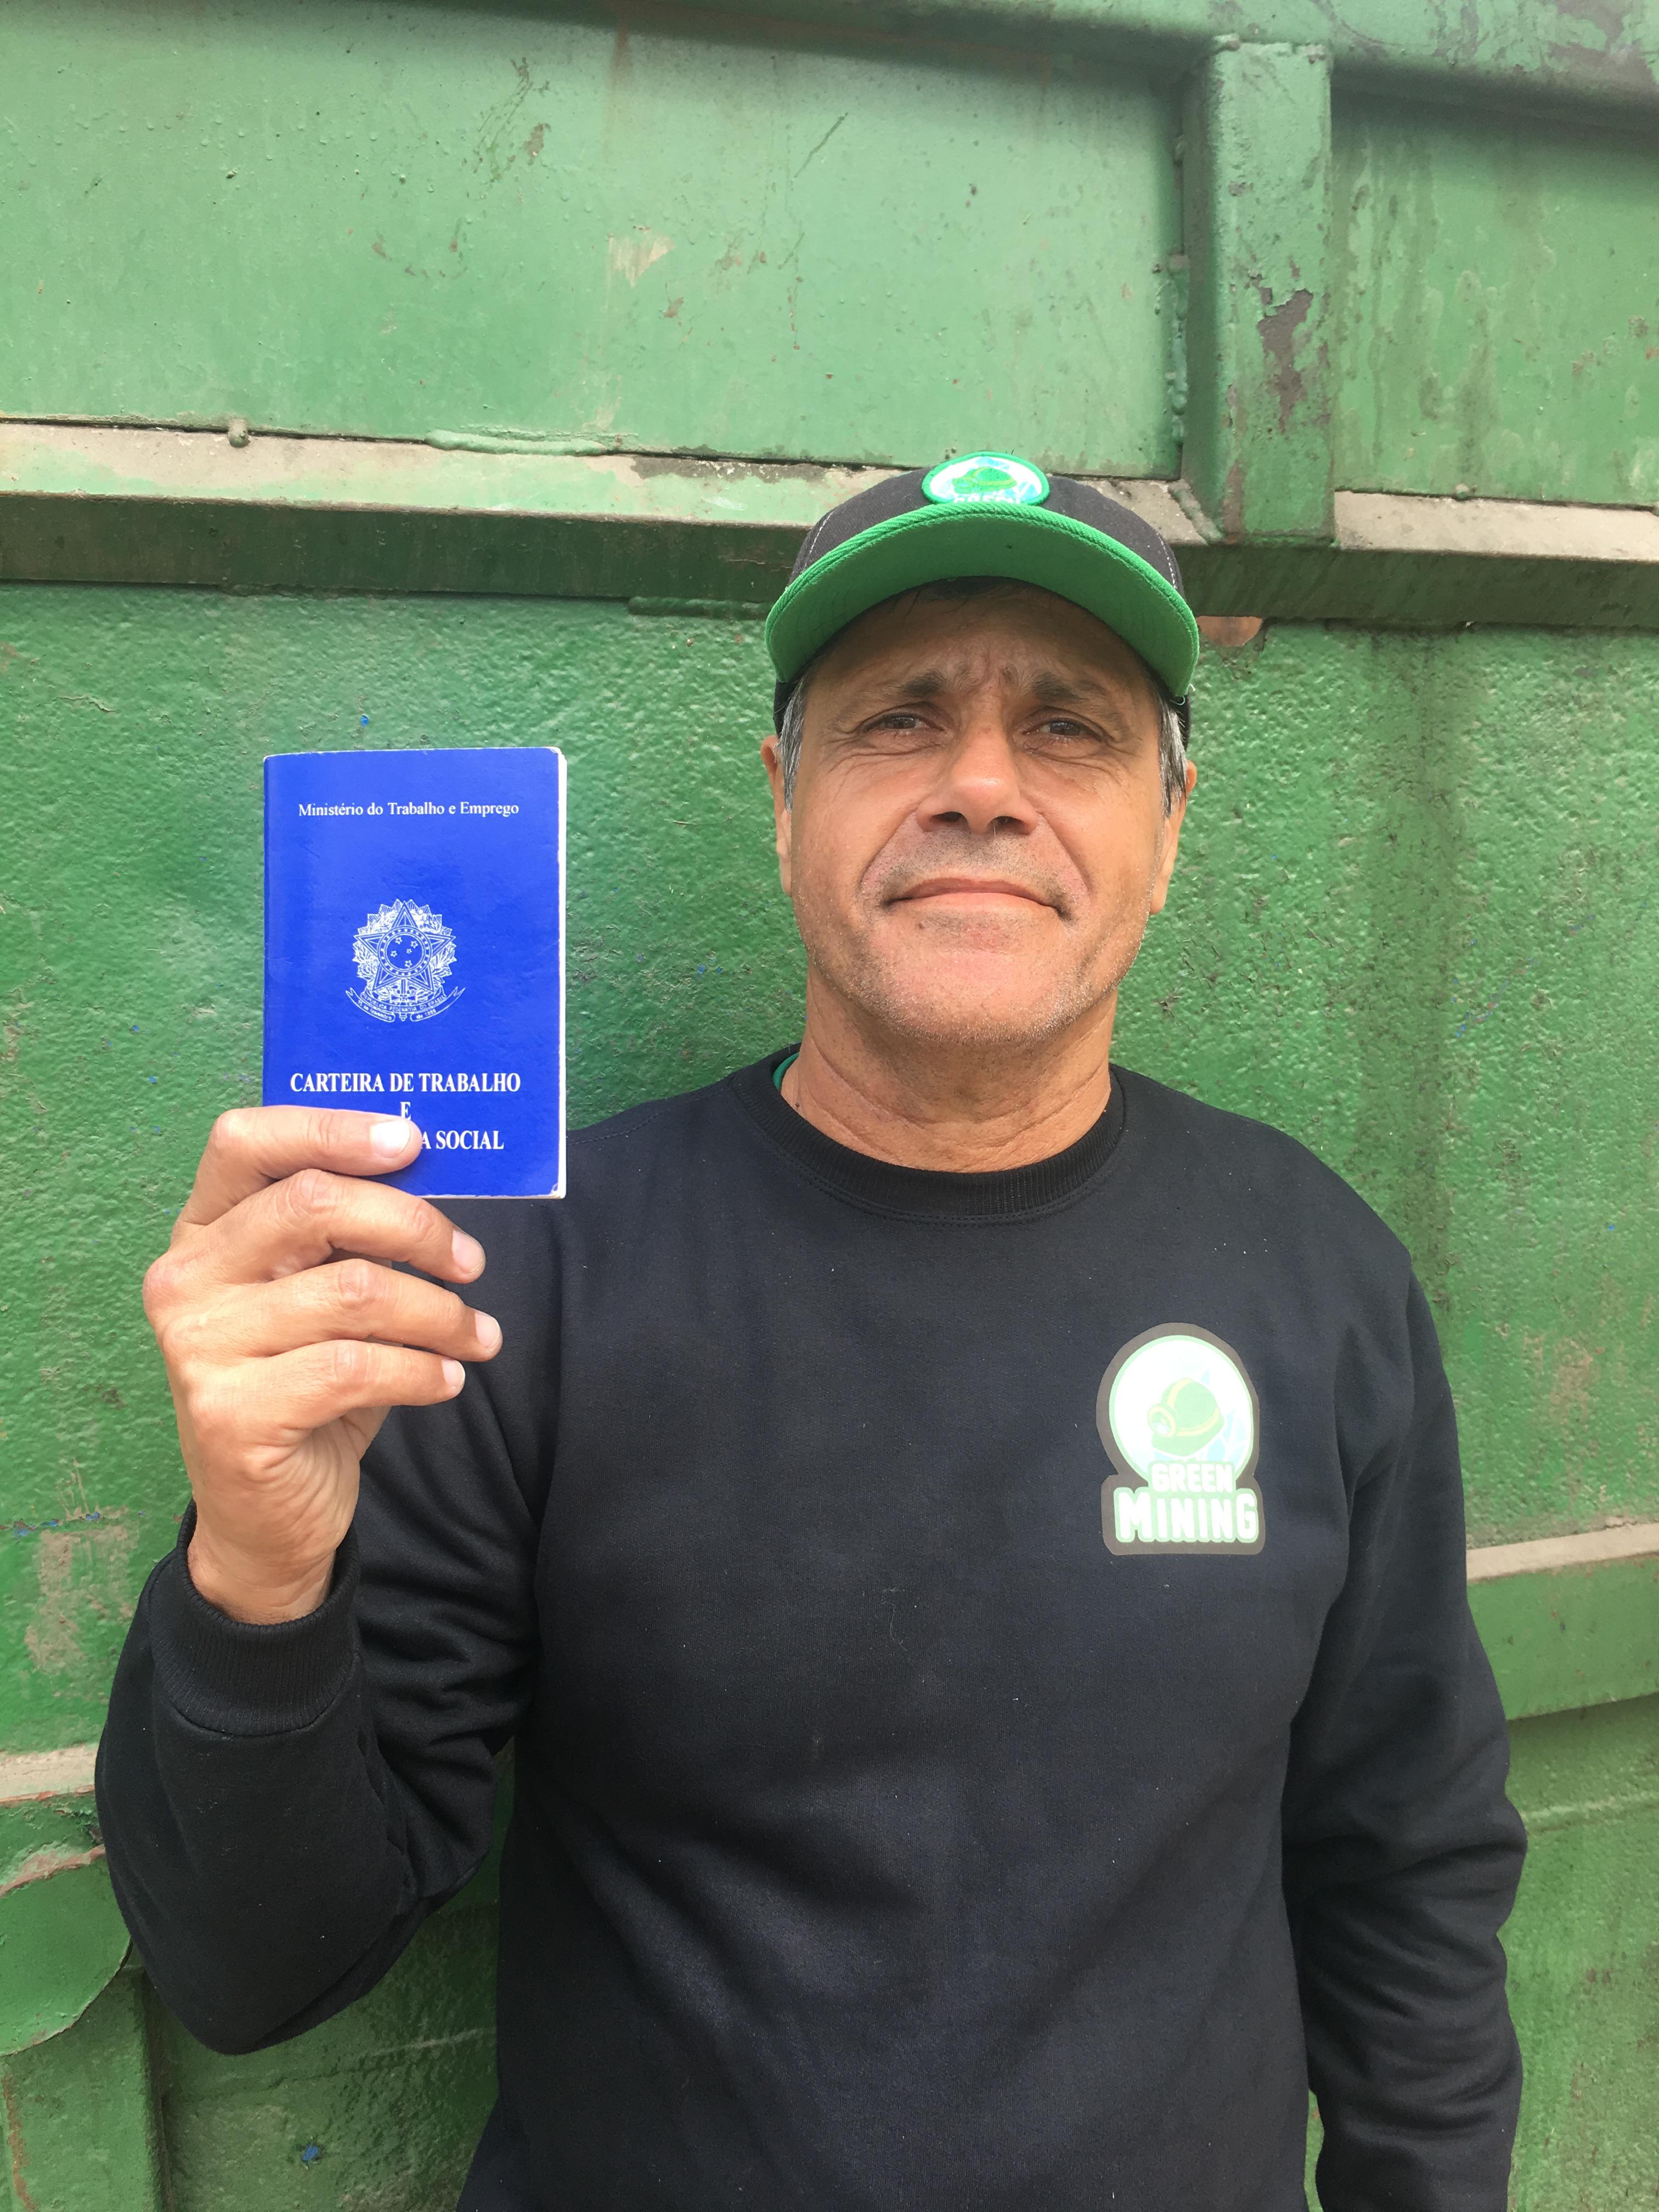 A Green Mining valoriza a experiência de <strong>Humberto das Neves Cabral</strong>, que trabalhava com logística reversa em supermercados.